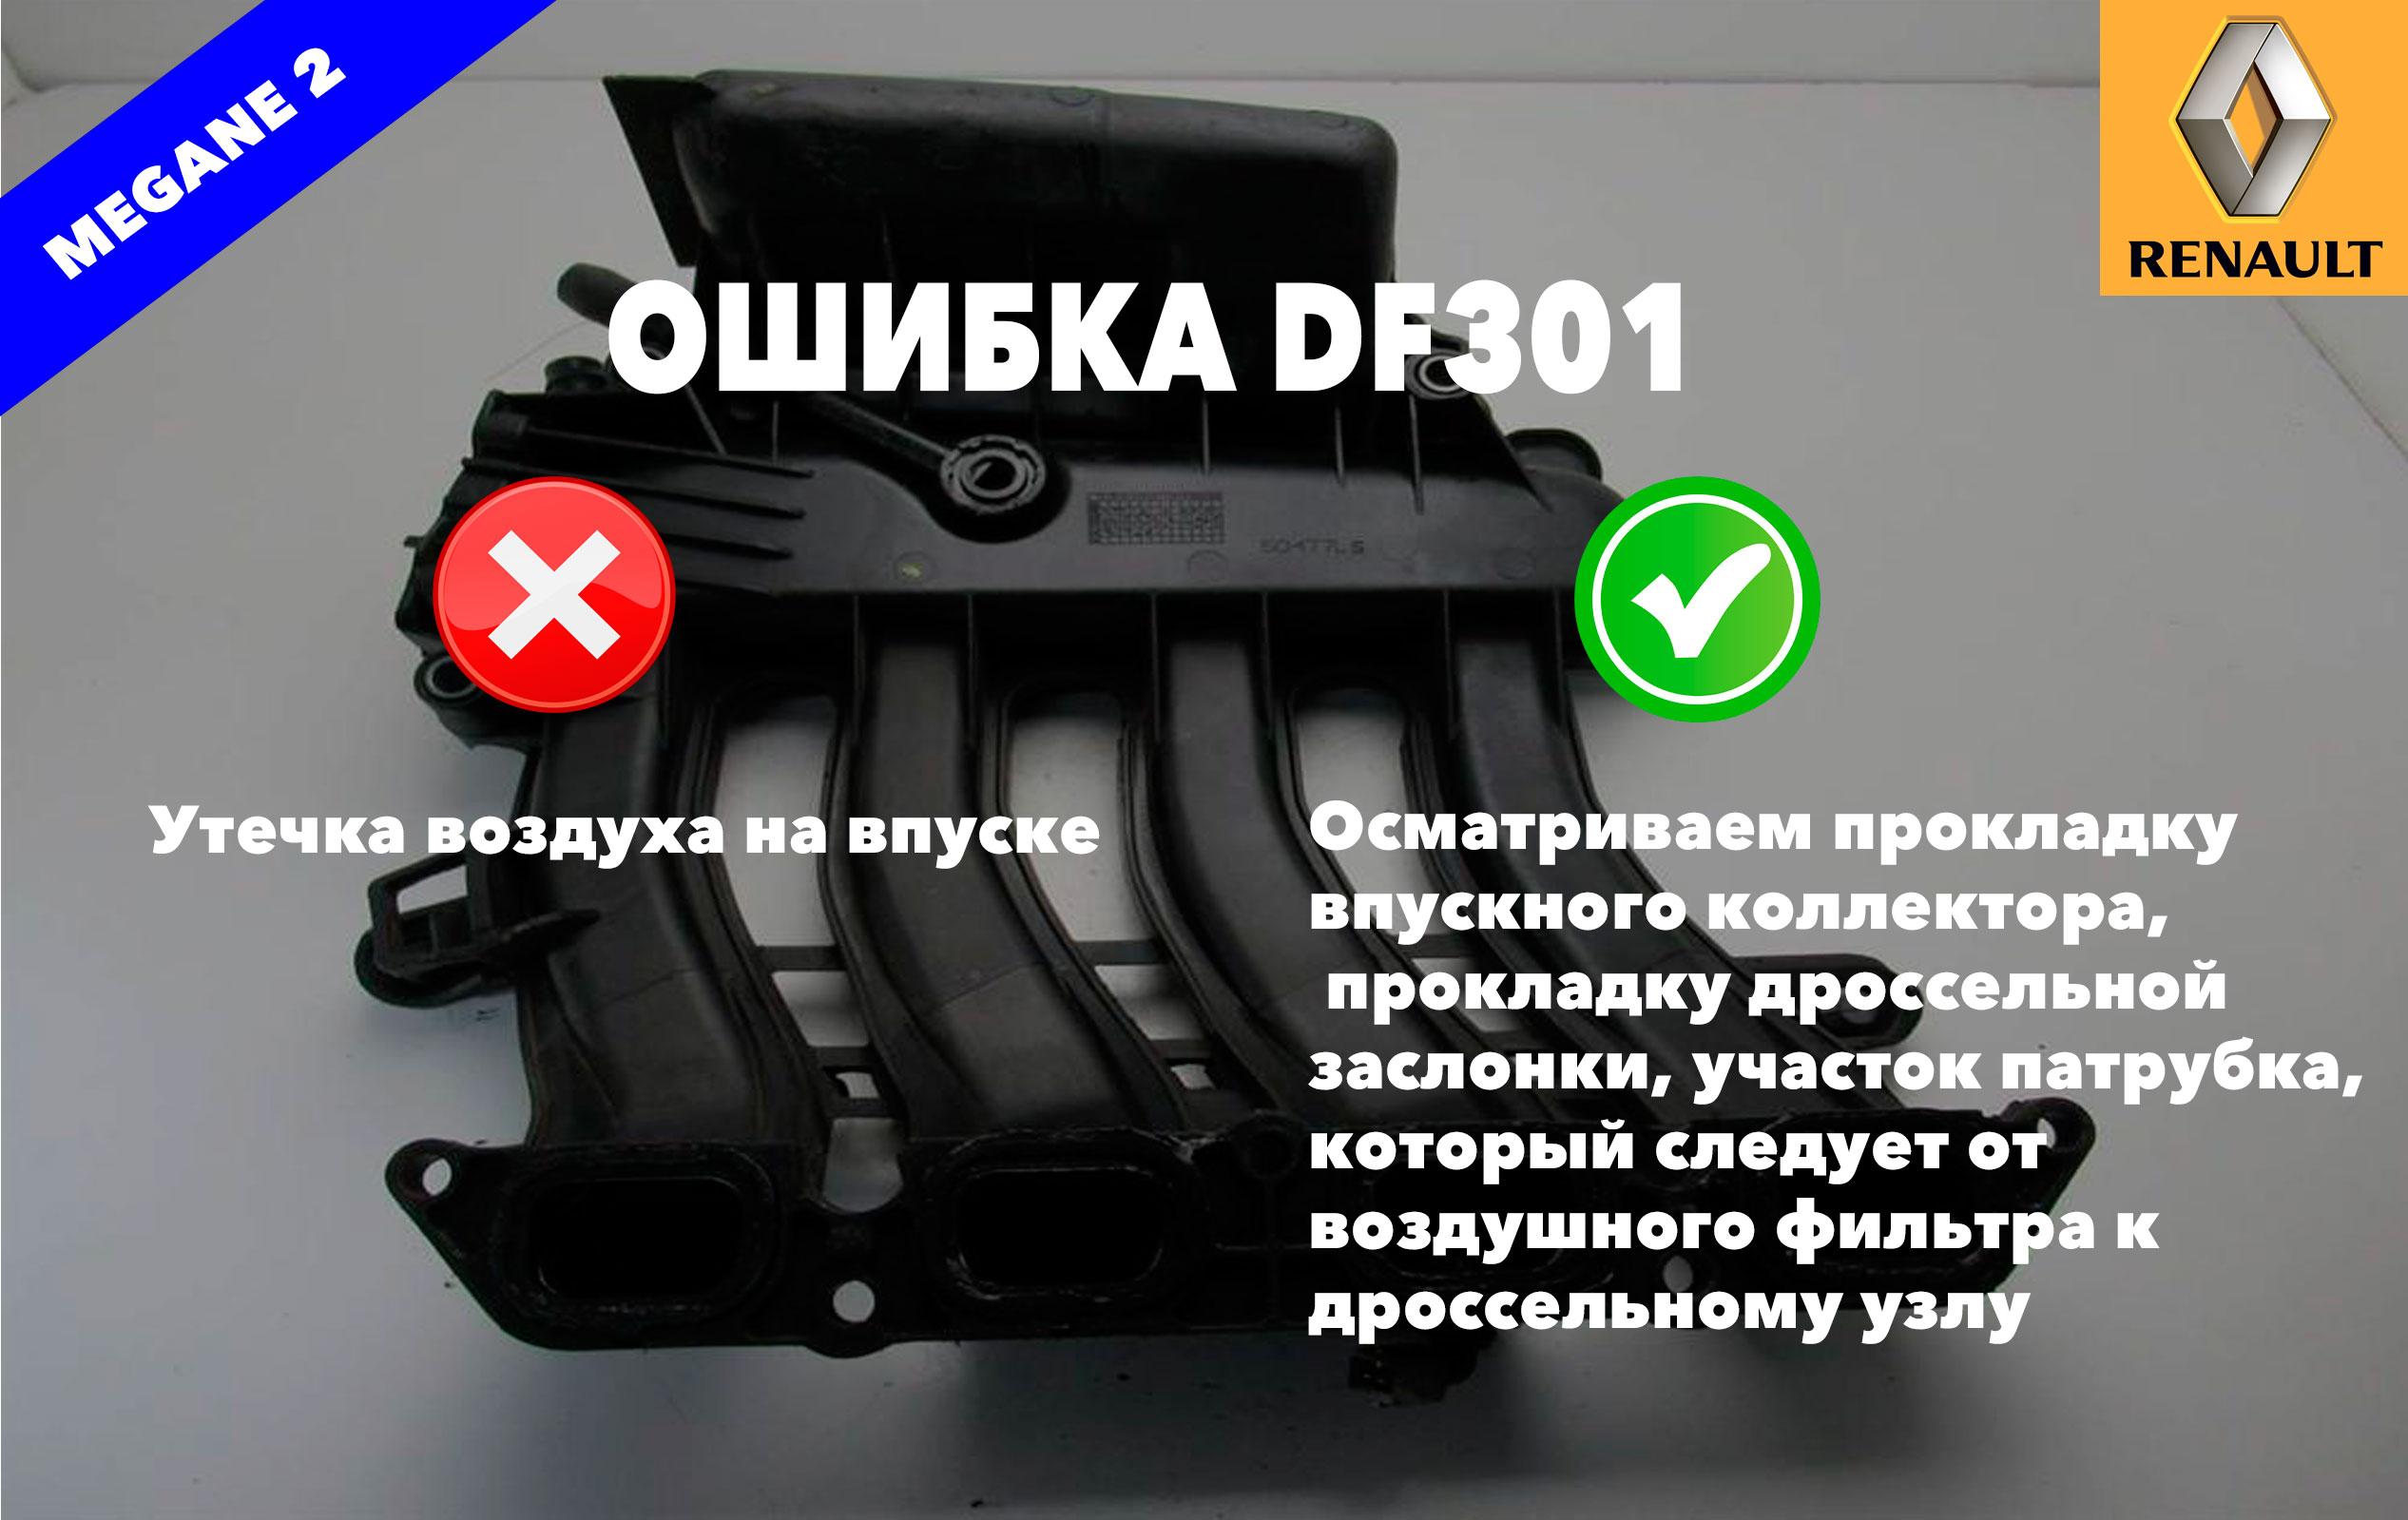 Рено Меган 2 код ошибки DF301 – утечка воздуха на впуске